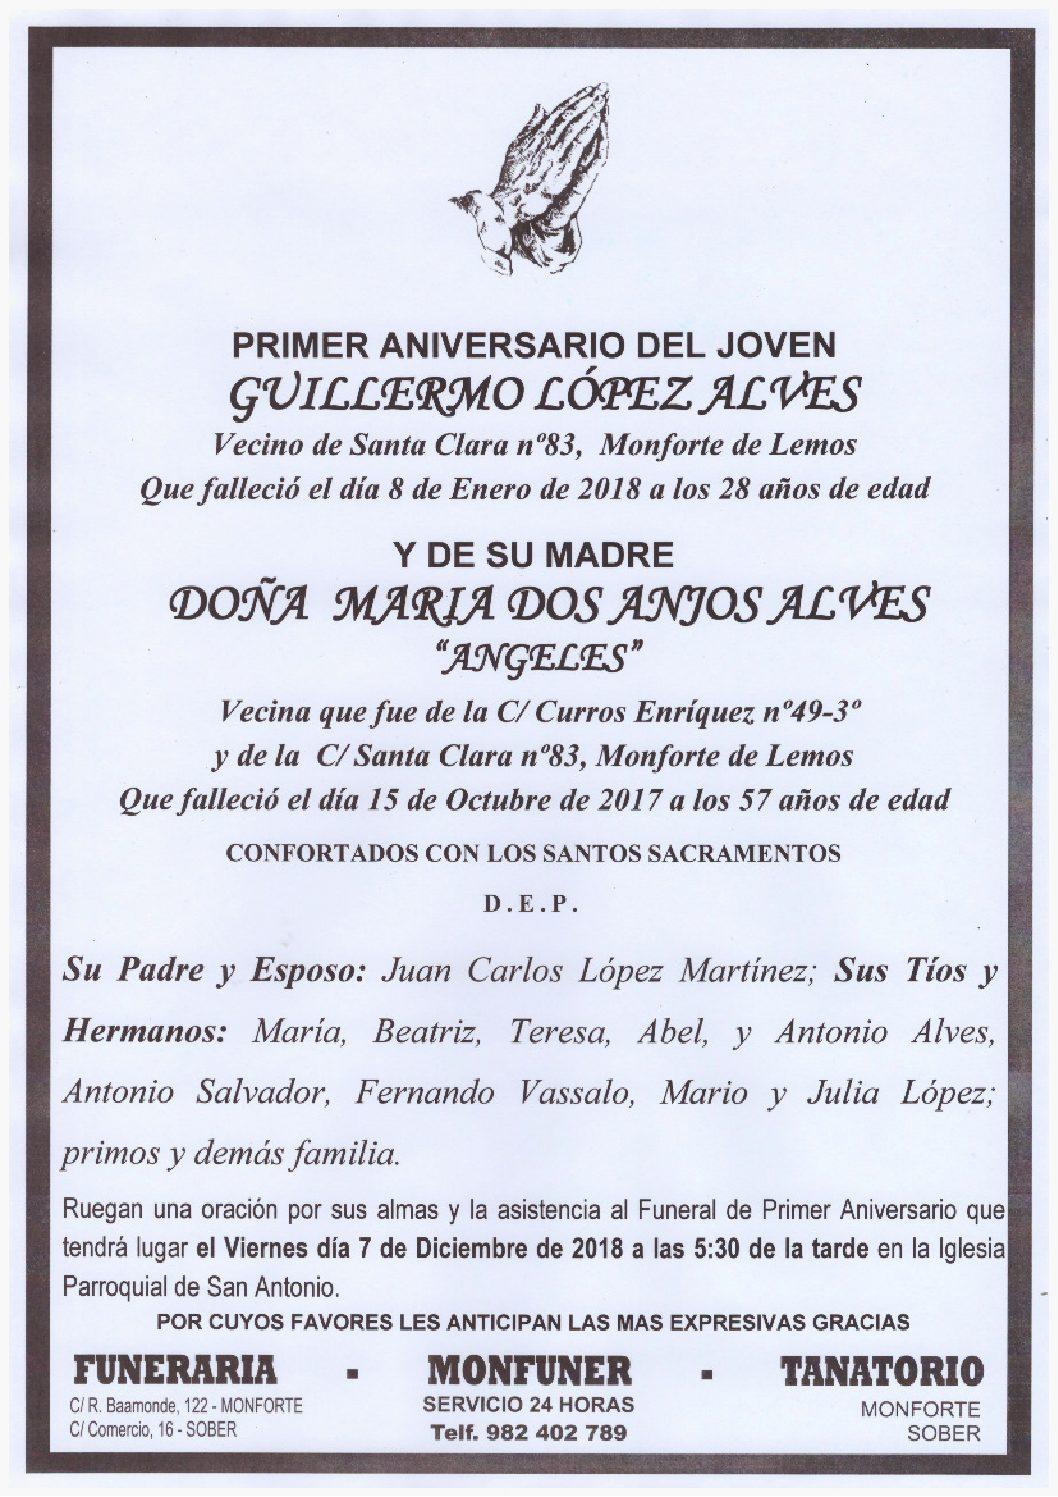 PRIMER ANIVERSARIO DE GUILLERMO LOPEZ Y MARIA DOS ANJOS